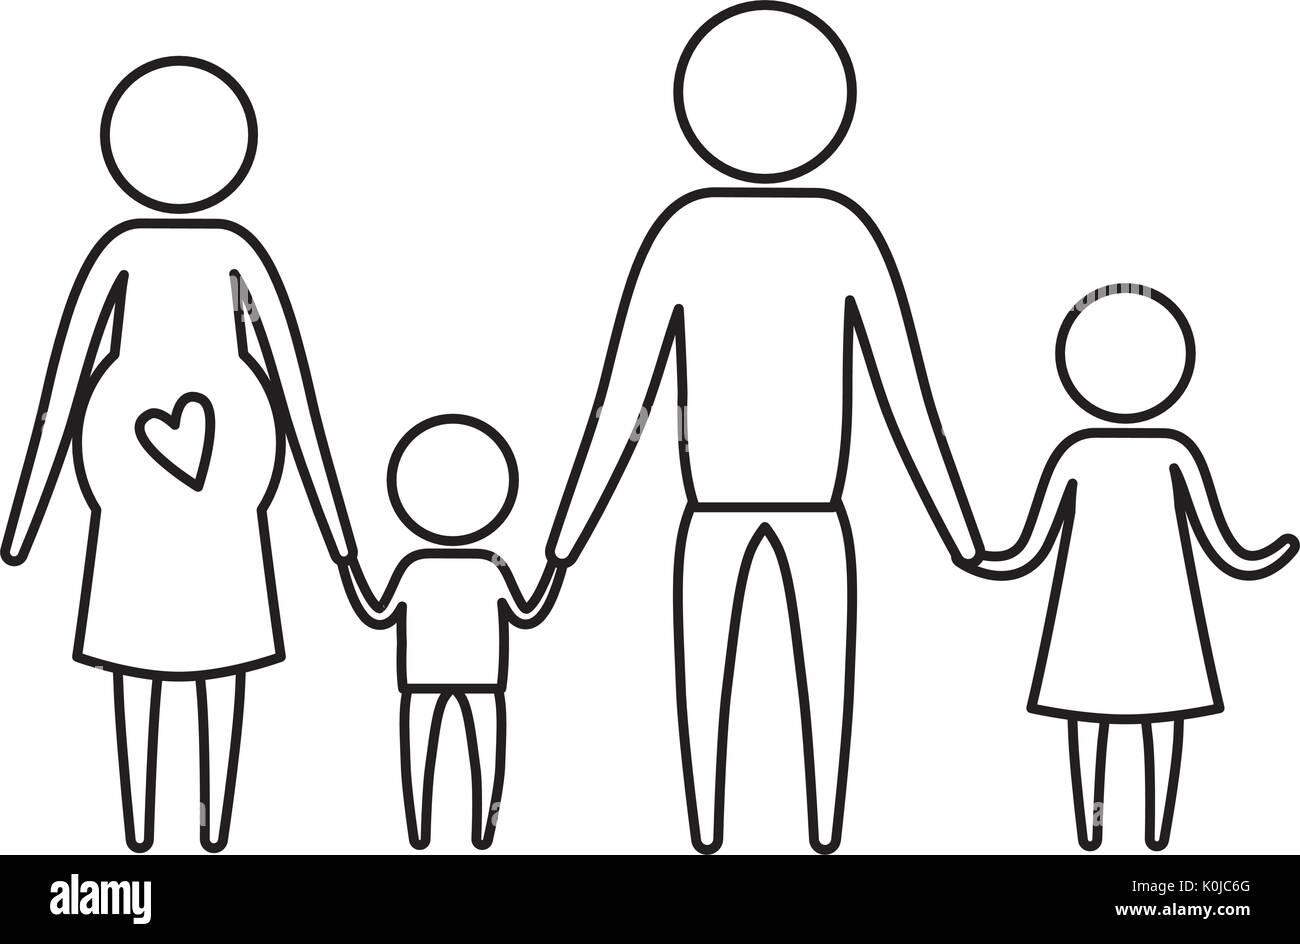 Dibujo Silueta De Pictograma Padres Con El Embarazo De La Madre Y